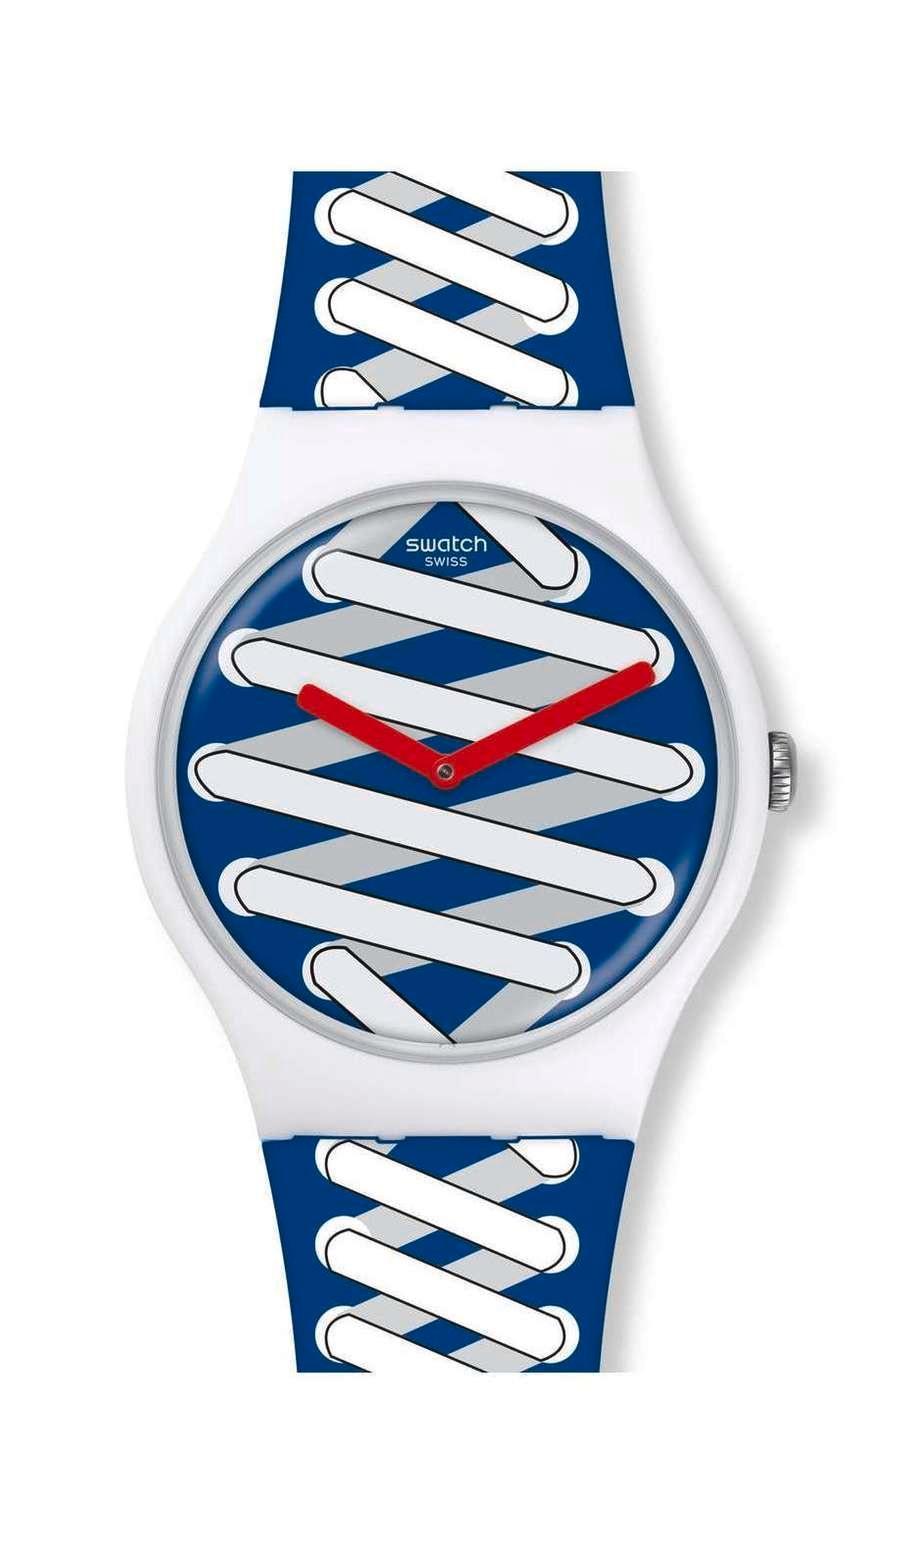 Swatch - CON-TRO-VERSE - 1